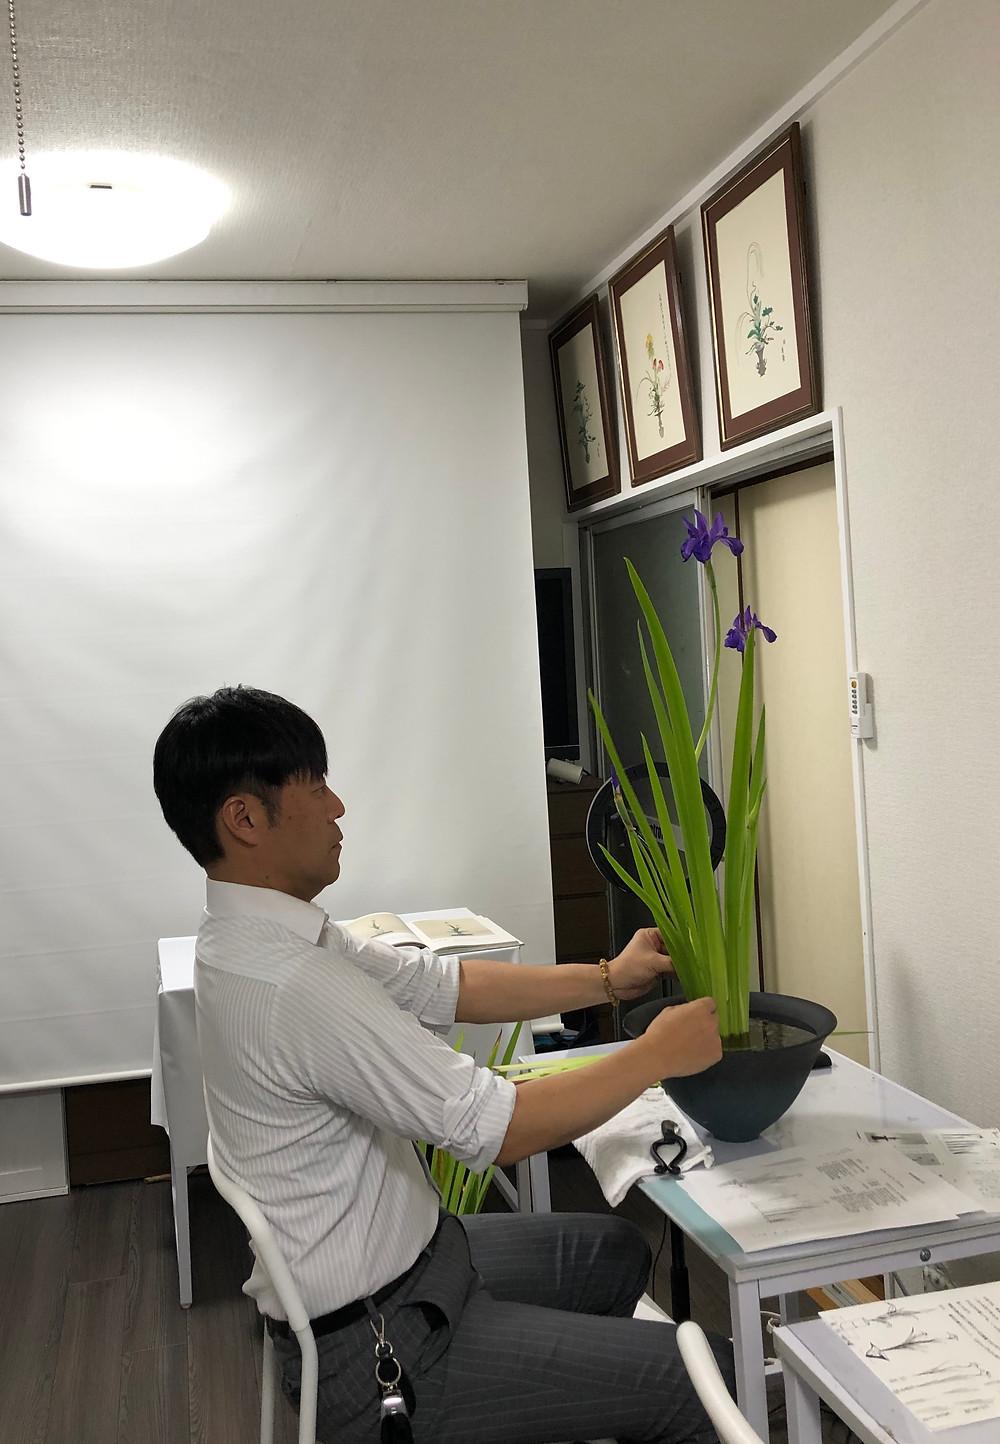 生け花教室 岩国 レッスン 男性